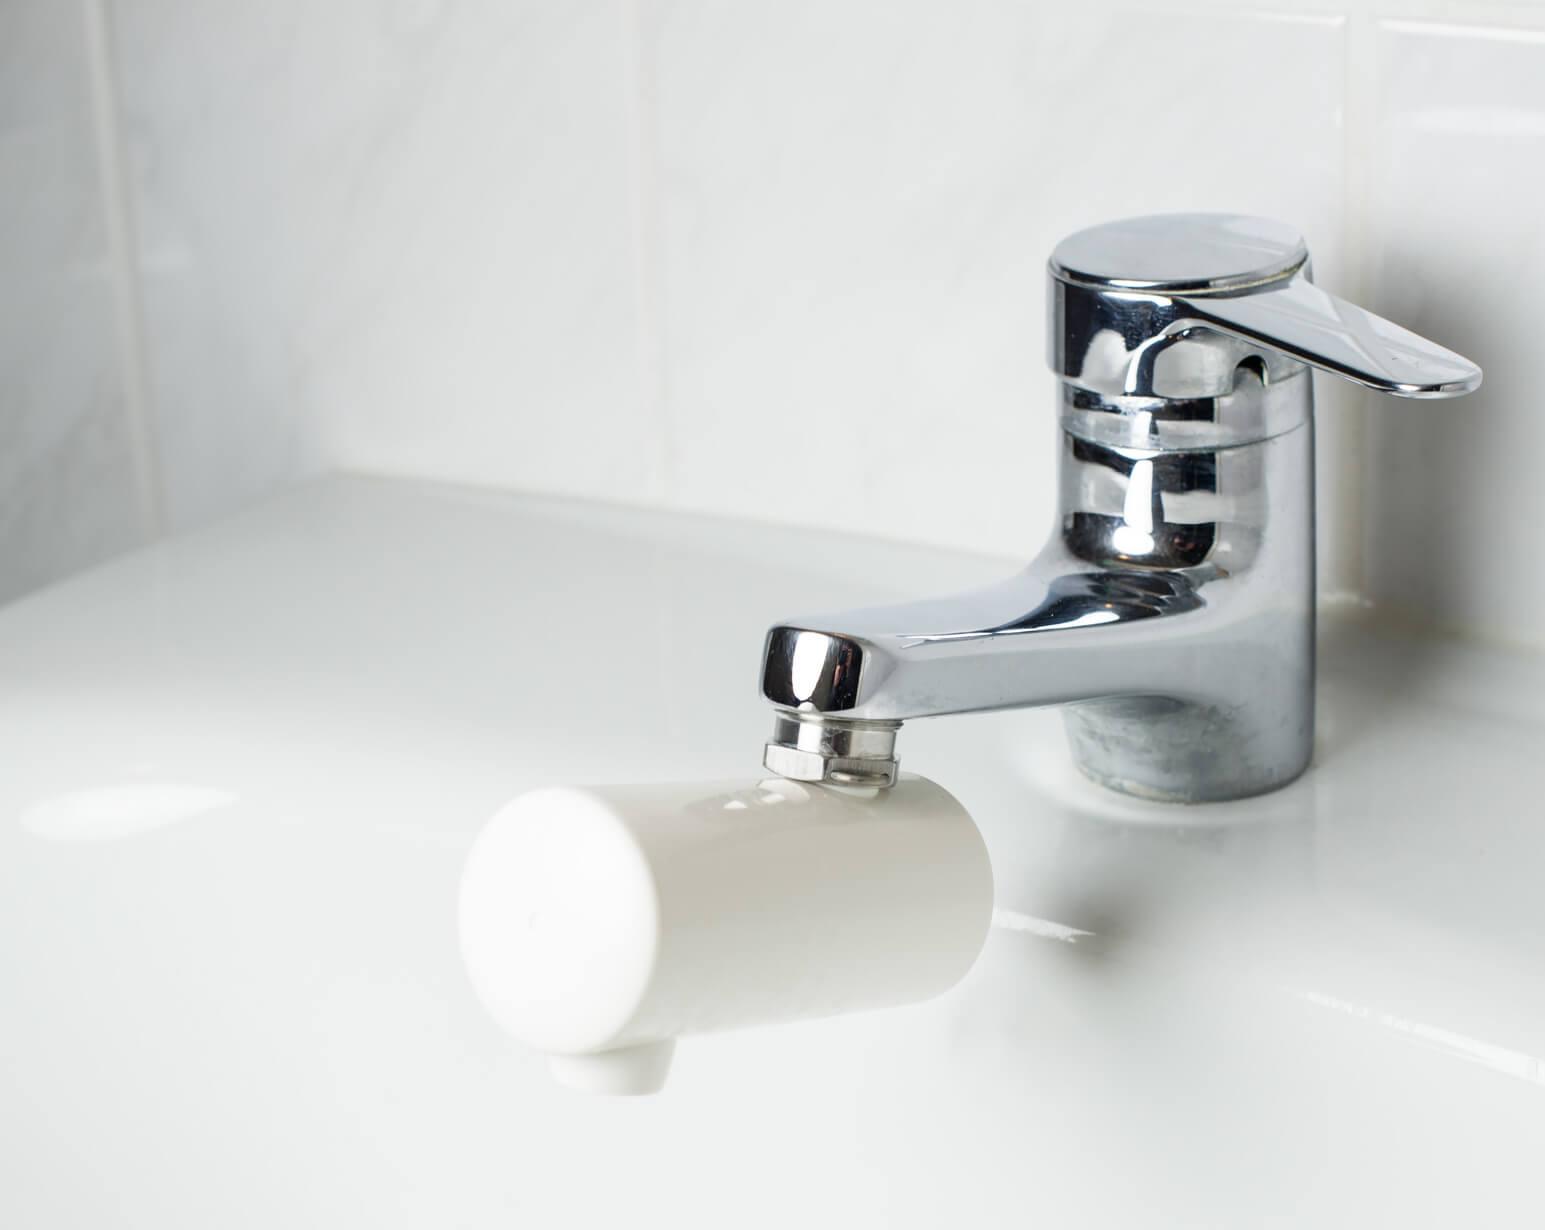 Trinkwasseruntersuchung-mit-SamKon-in-berlin